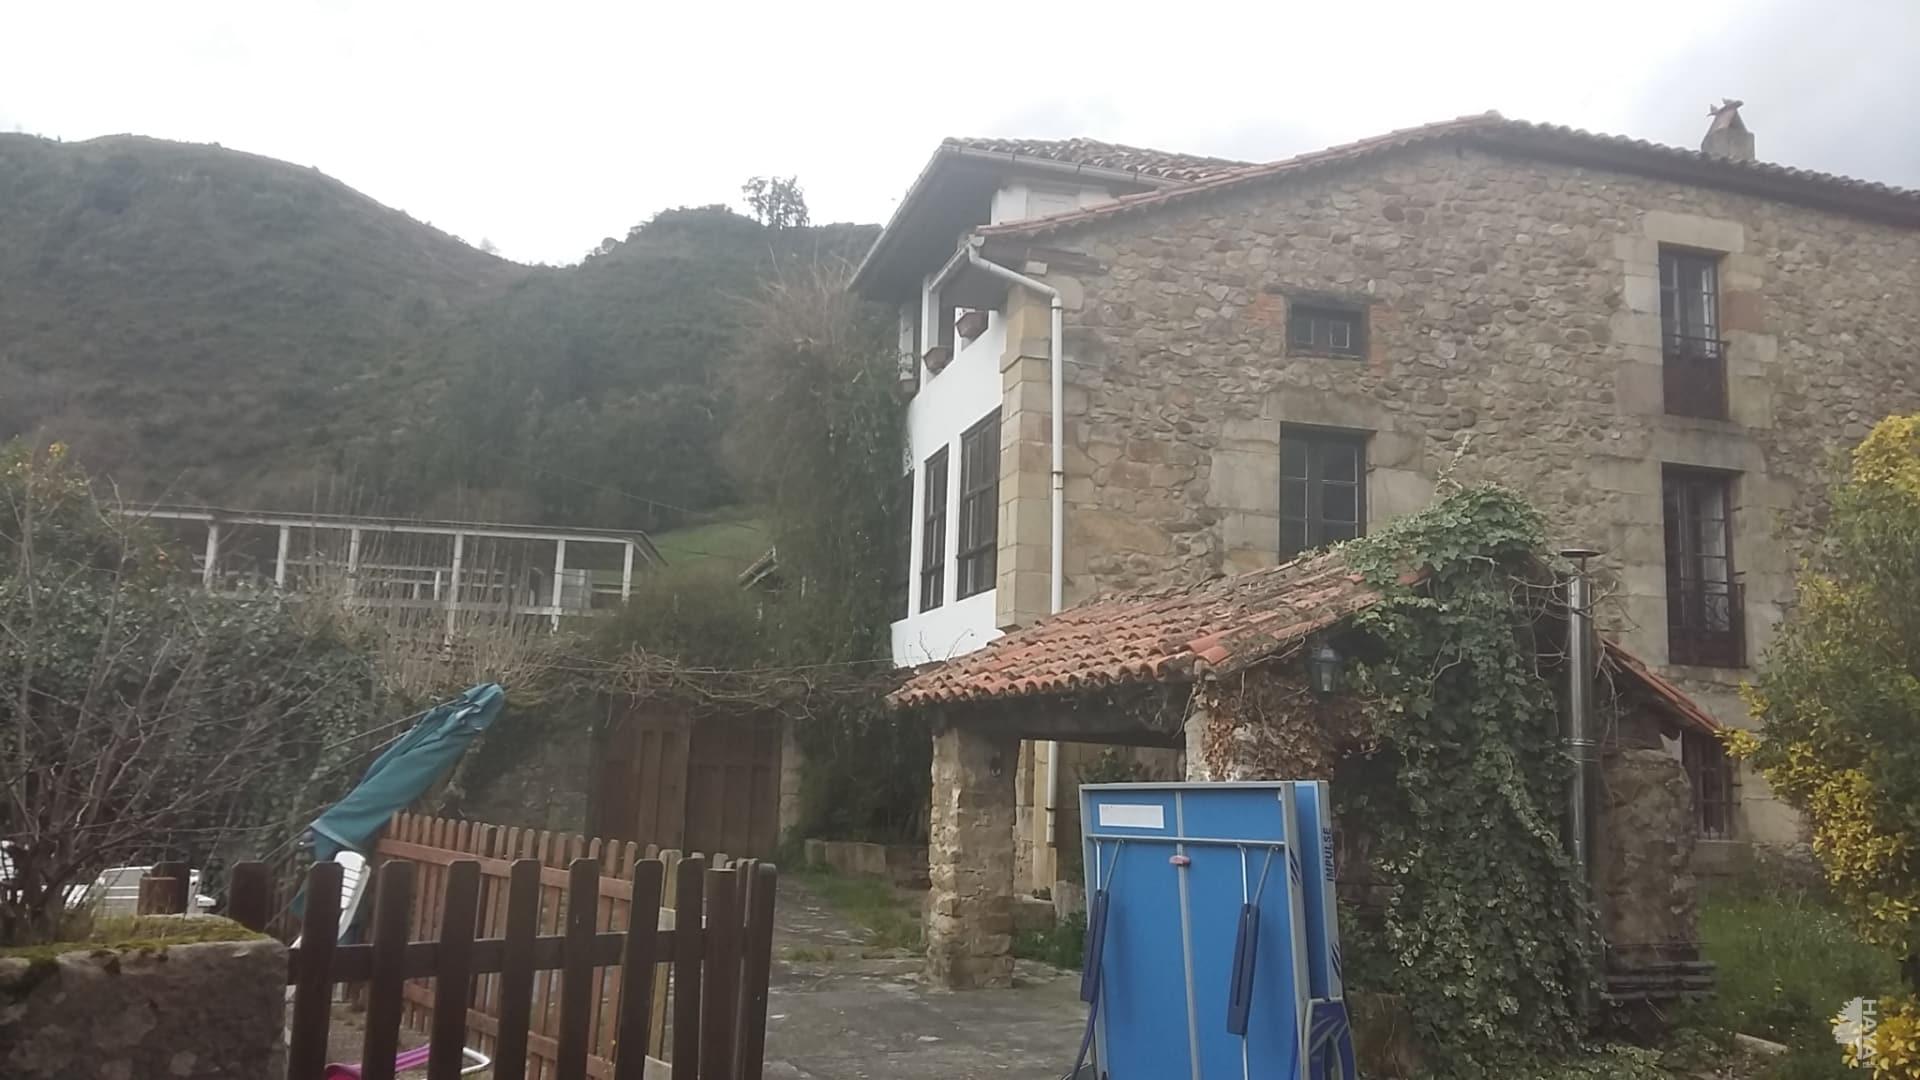 Casa en venta en Corvera de Toranzo, Cantabria, Calle Barrio Ardilla, 183.347 €, 1 habitación, 3 baños, 335 m2